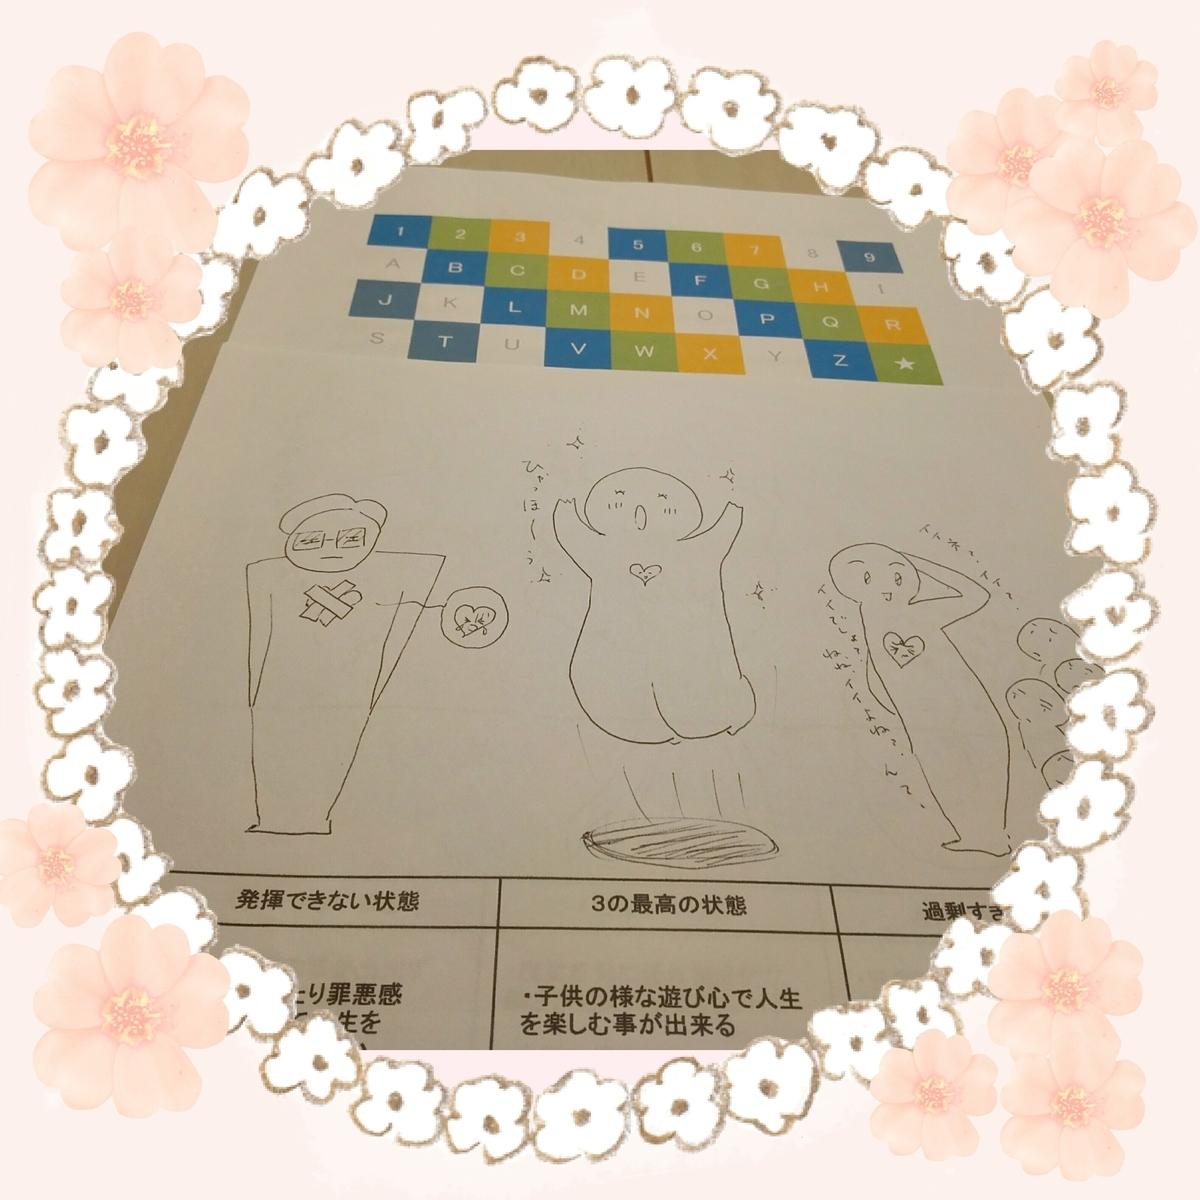 f:id:oyamadoka:20201027232740j:plain